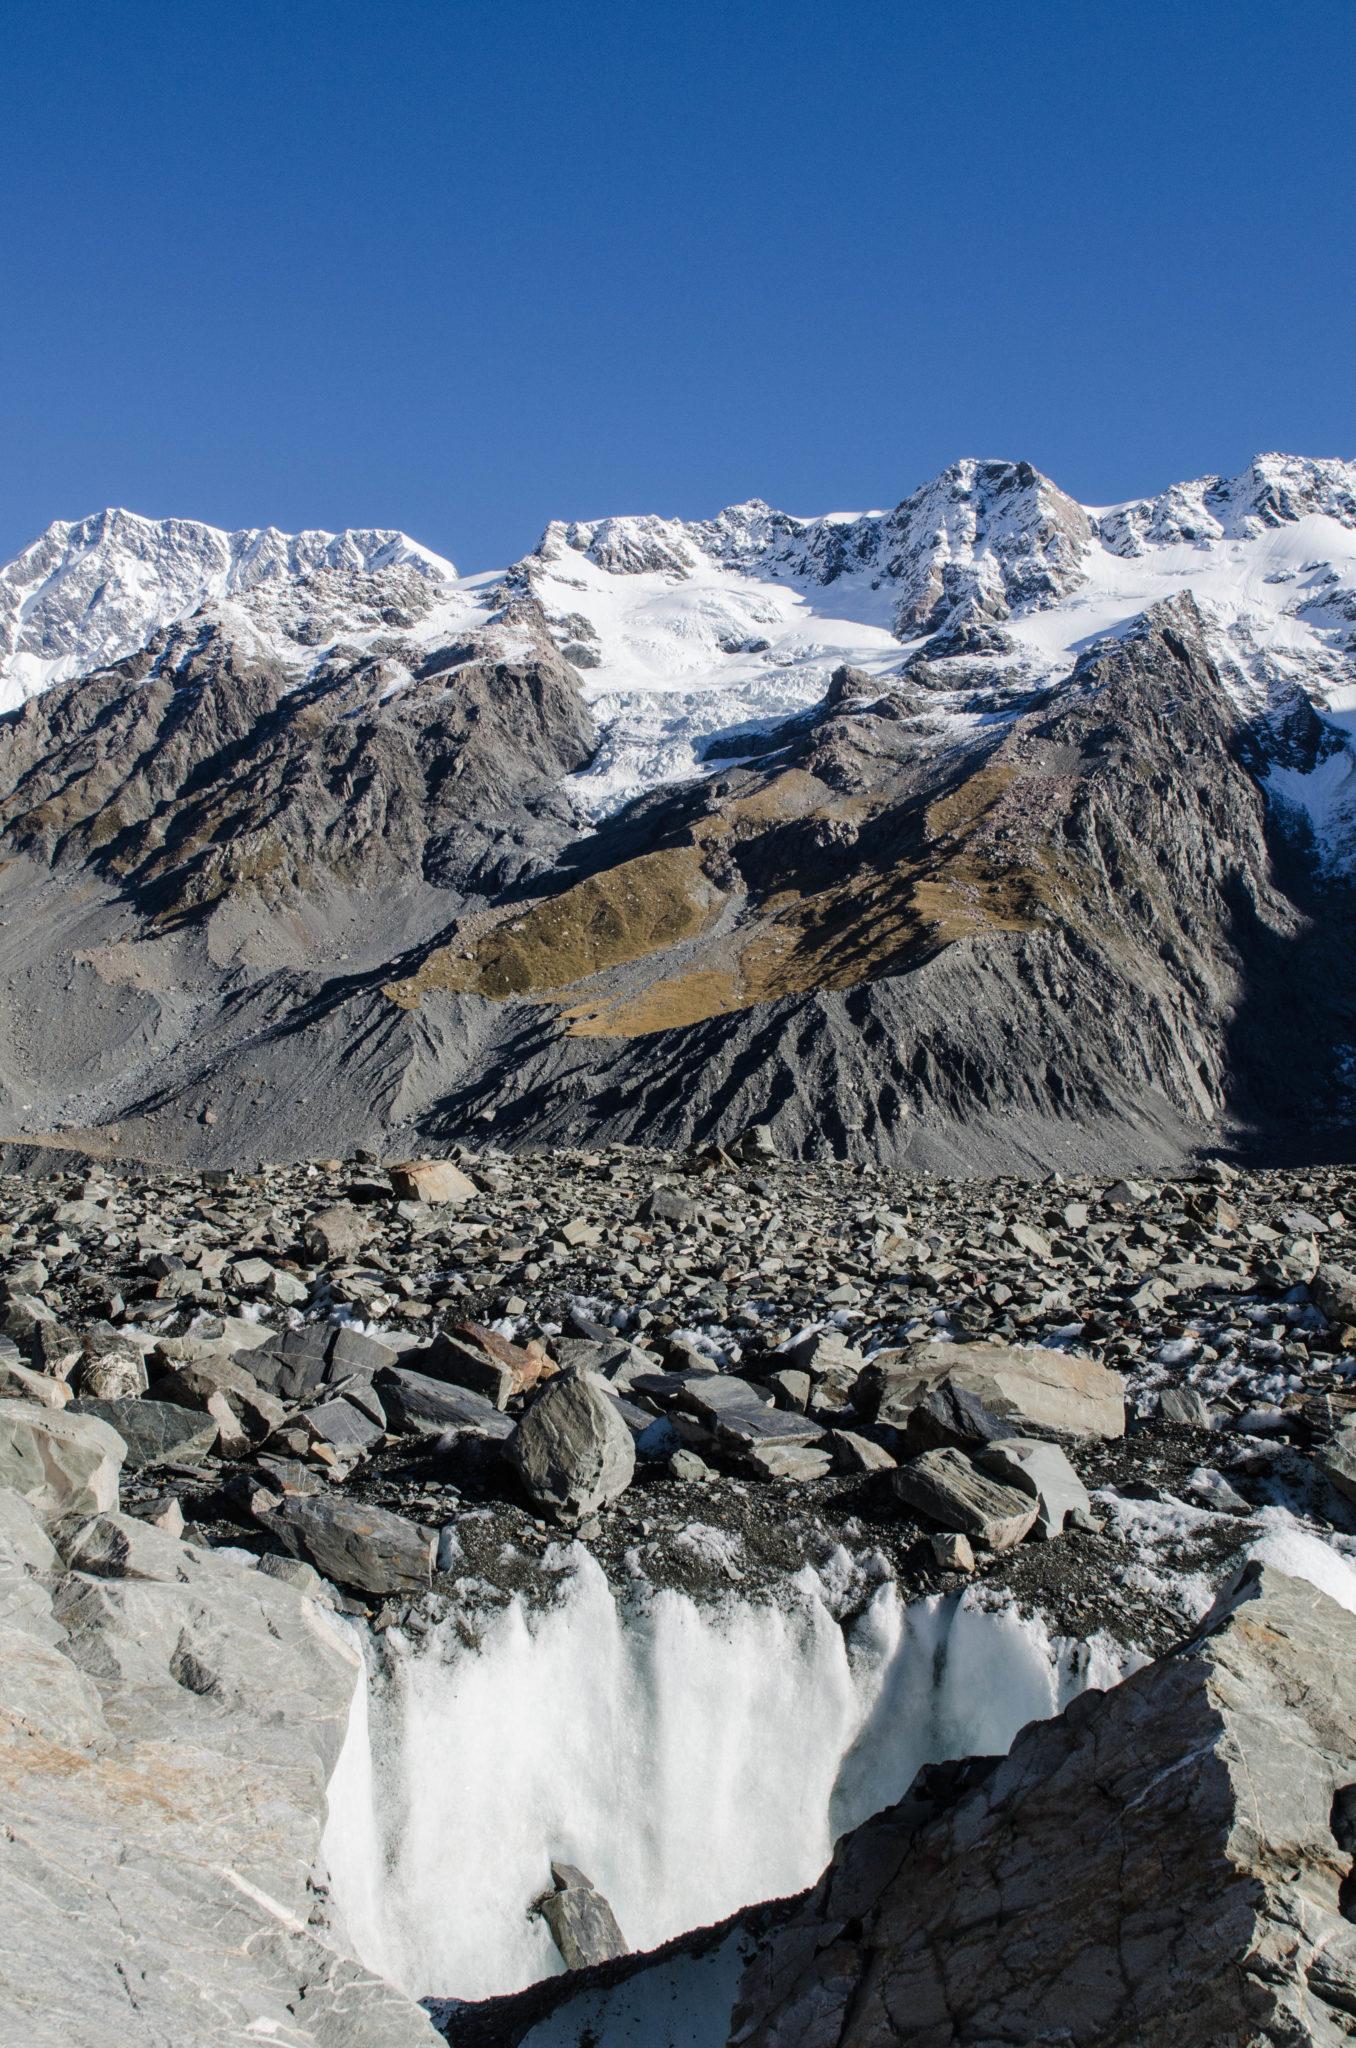 Mount Cook Neuseeland Gletscherwanderung: Zwischen dem Eis stecken dicke Felsen